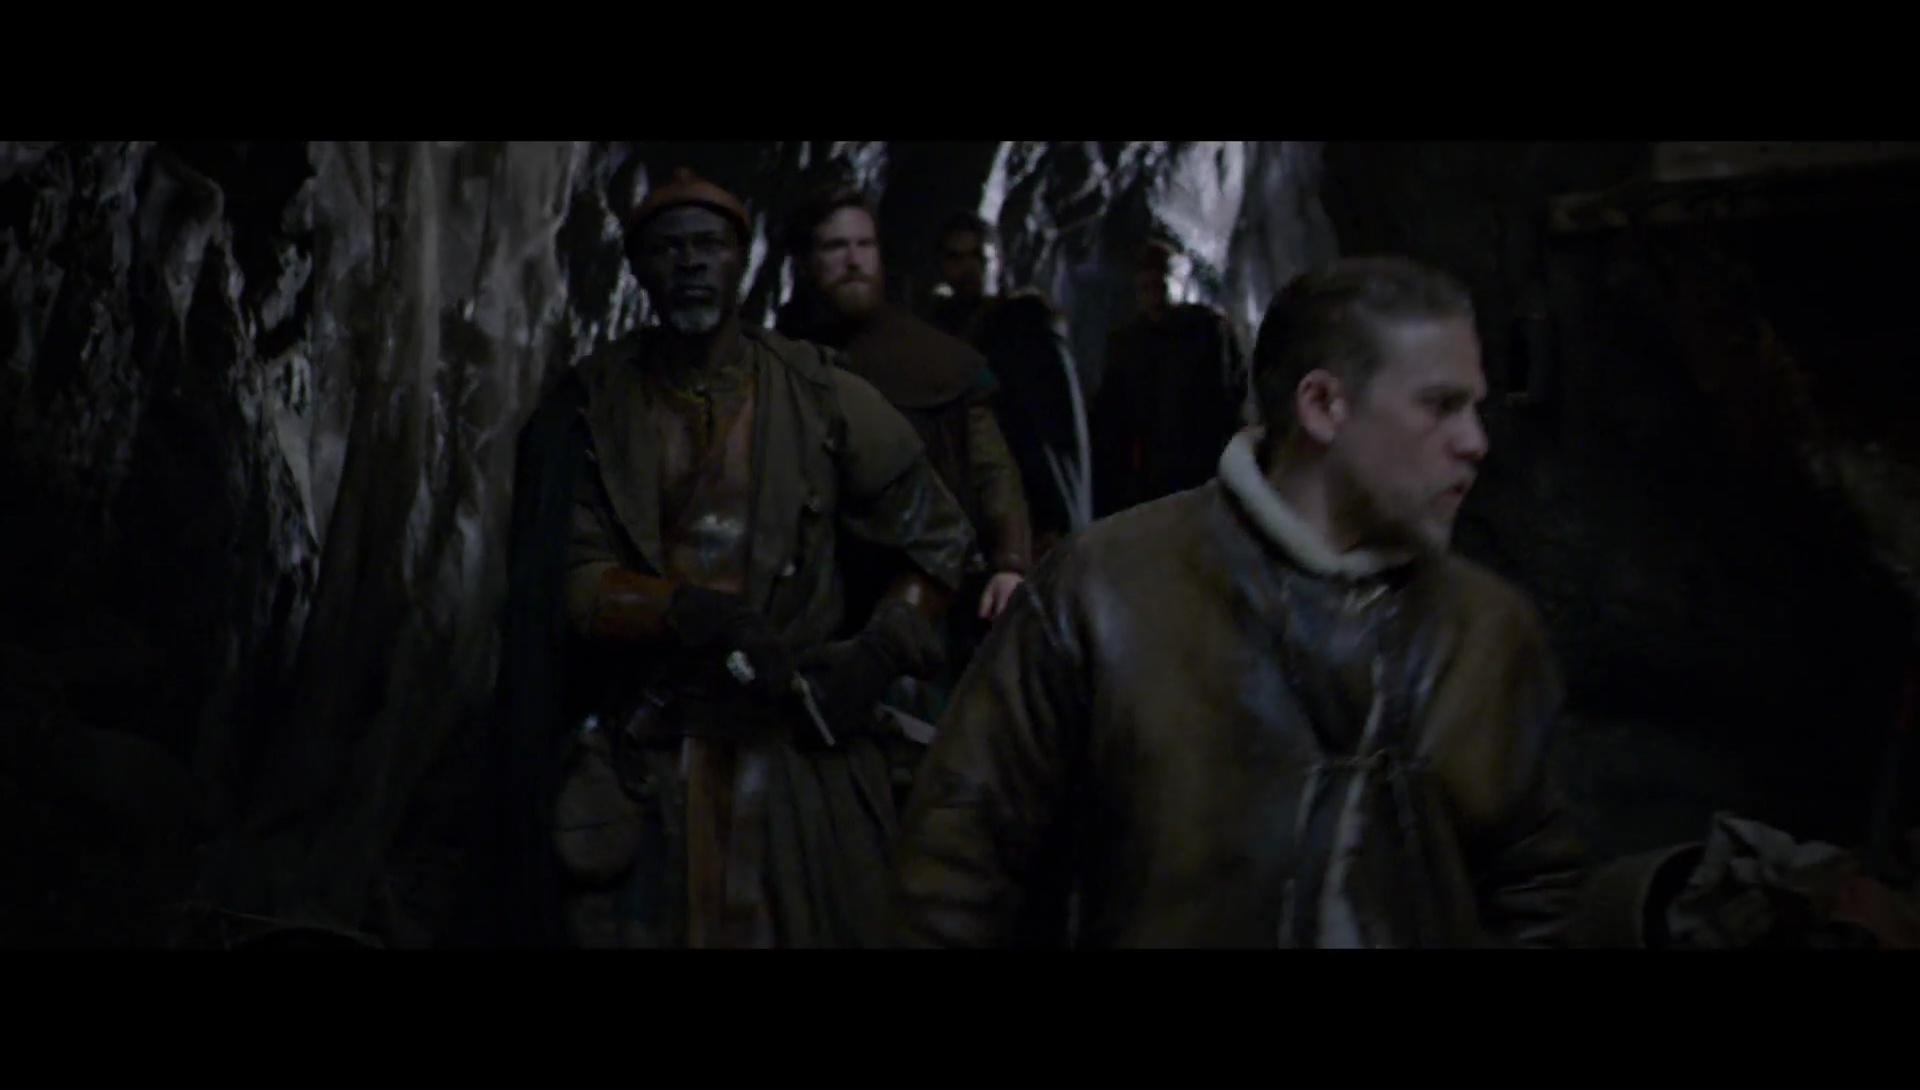 La Leyenda De La Espada 1080p Lat-Cast-Ing 5.1 (2017)